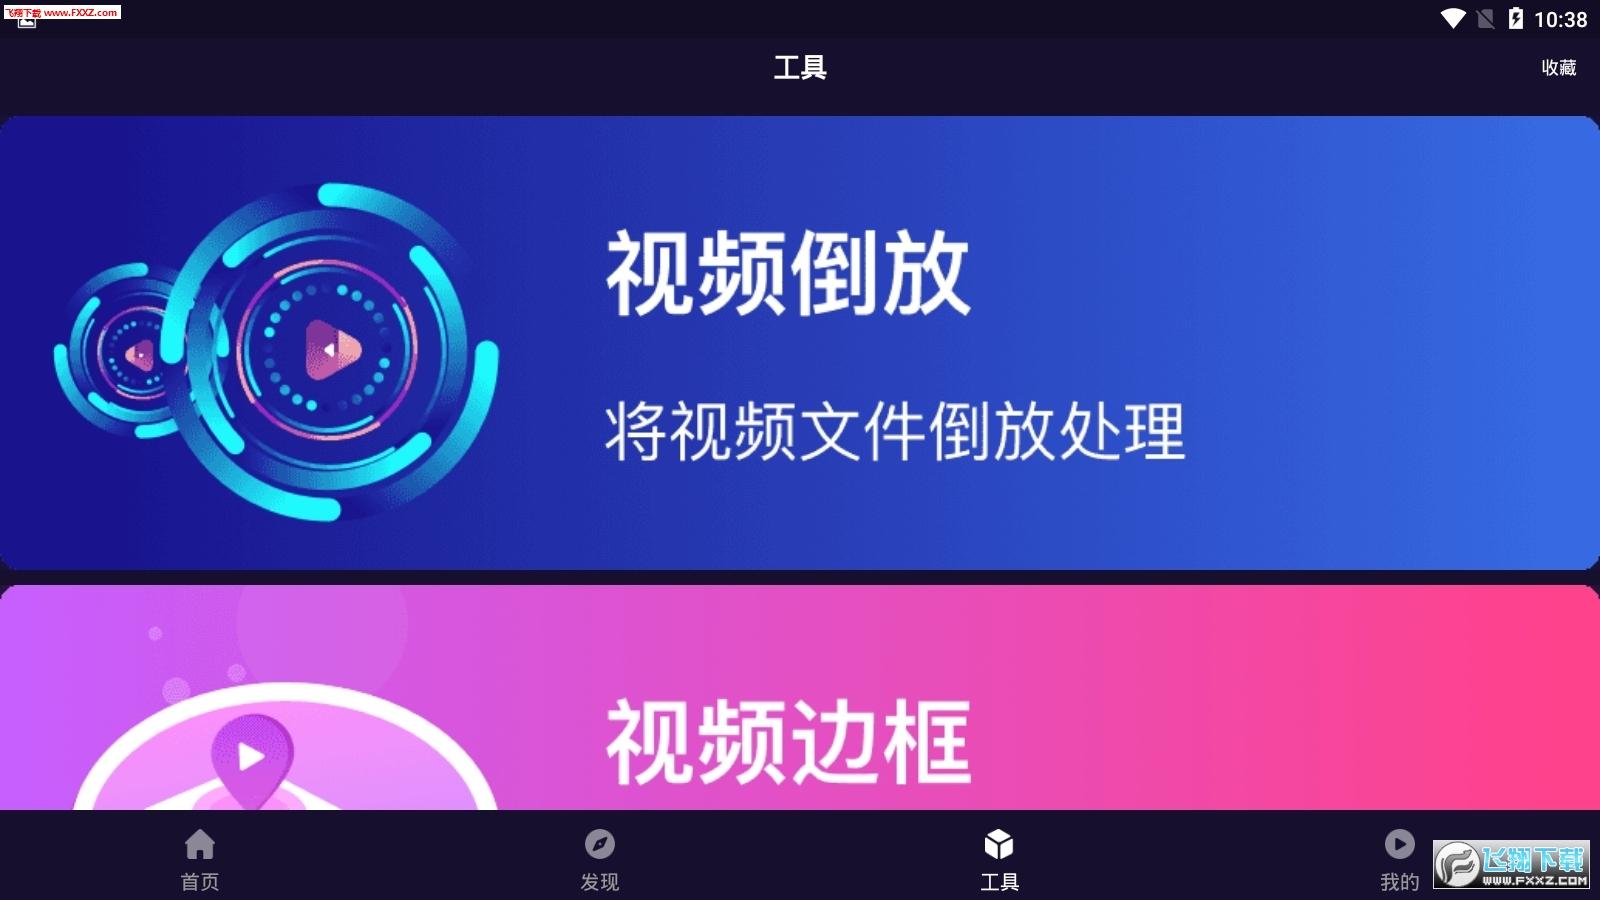 秋葵视频2020最新下载地址1.0截图0